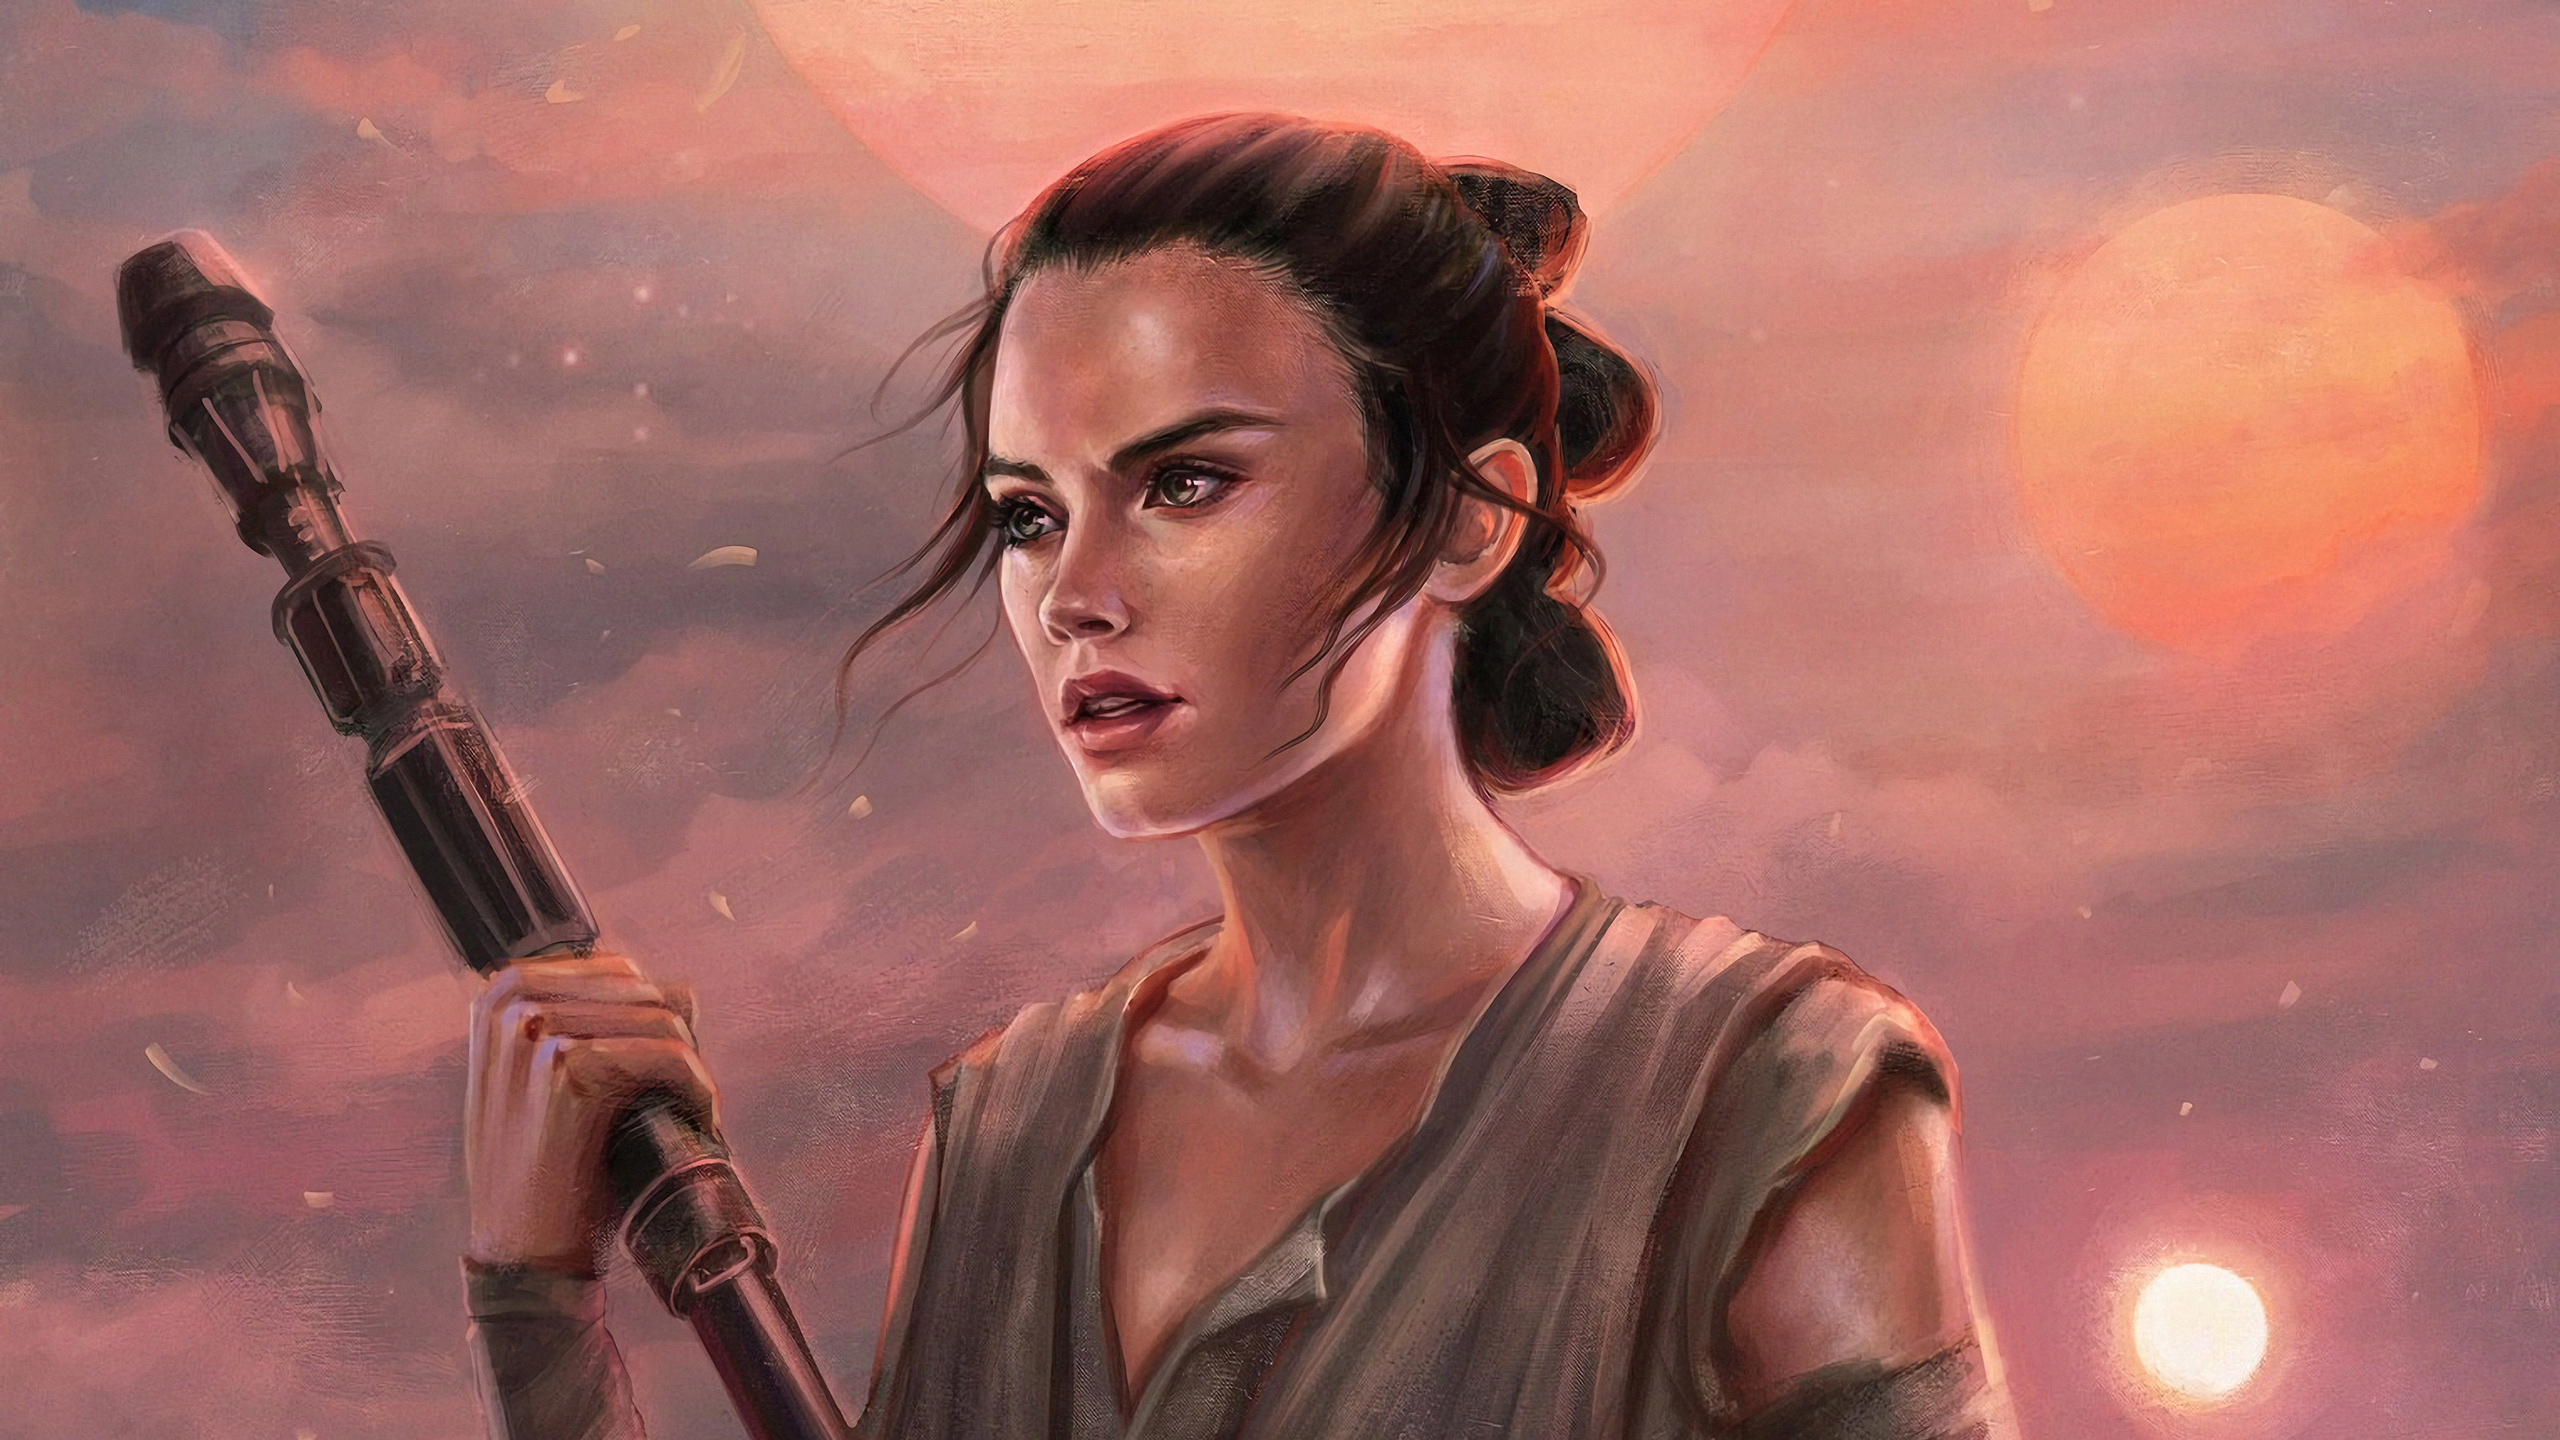 Sci Fi Star Wars Rey Hd Wallpaper Background Image - Rey Star Wars Art , HD Wallpaper & Backgrounds